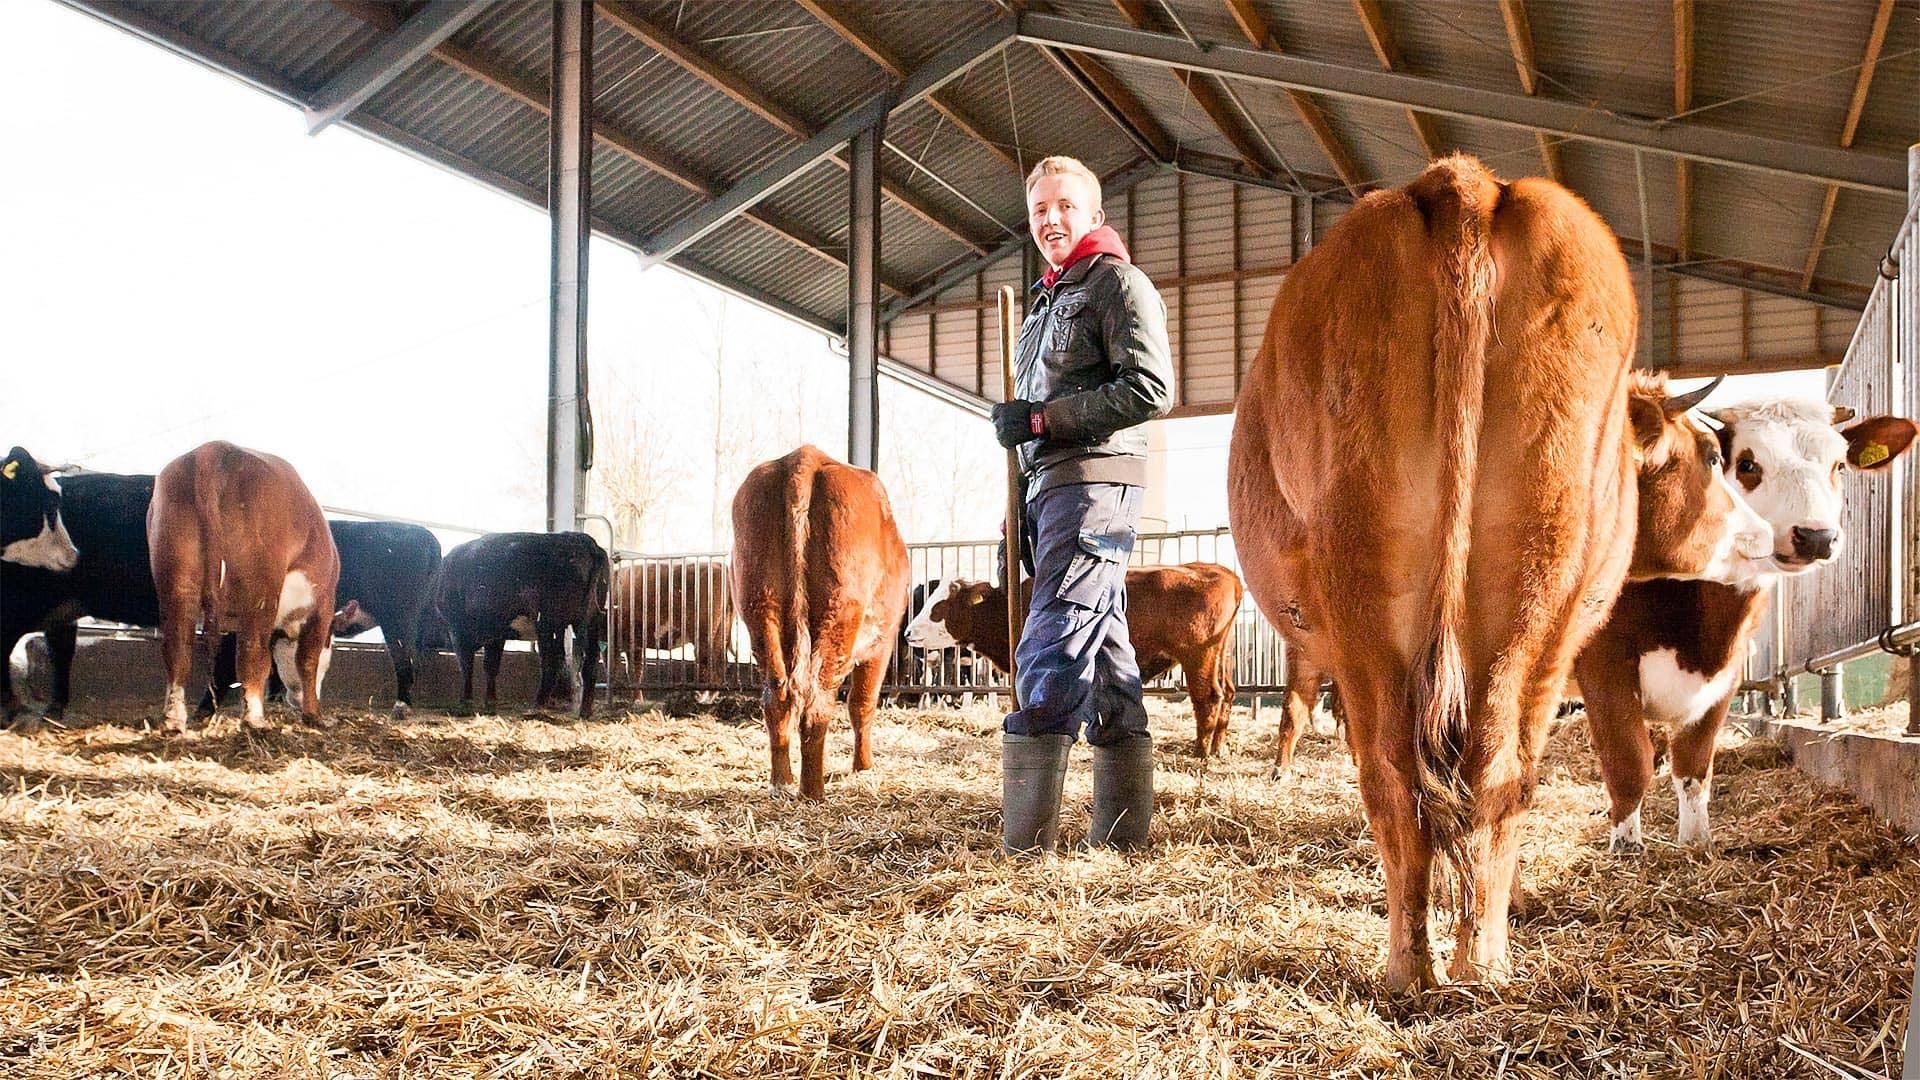 stal-koeien